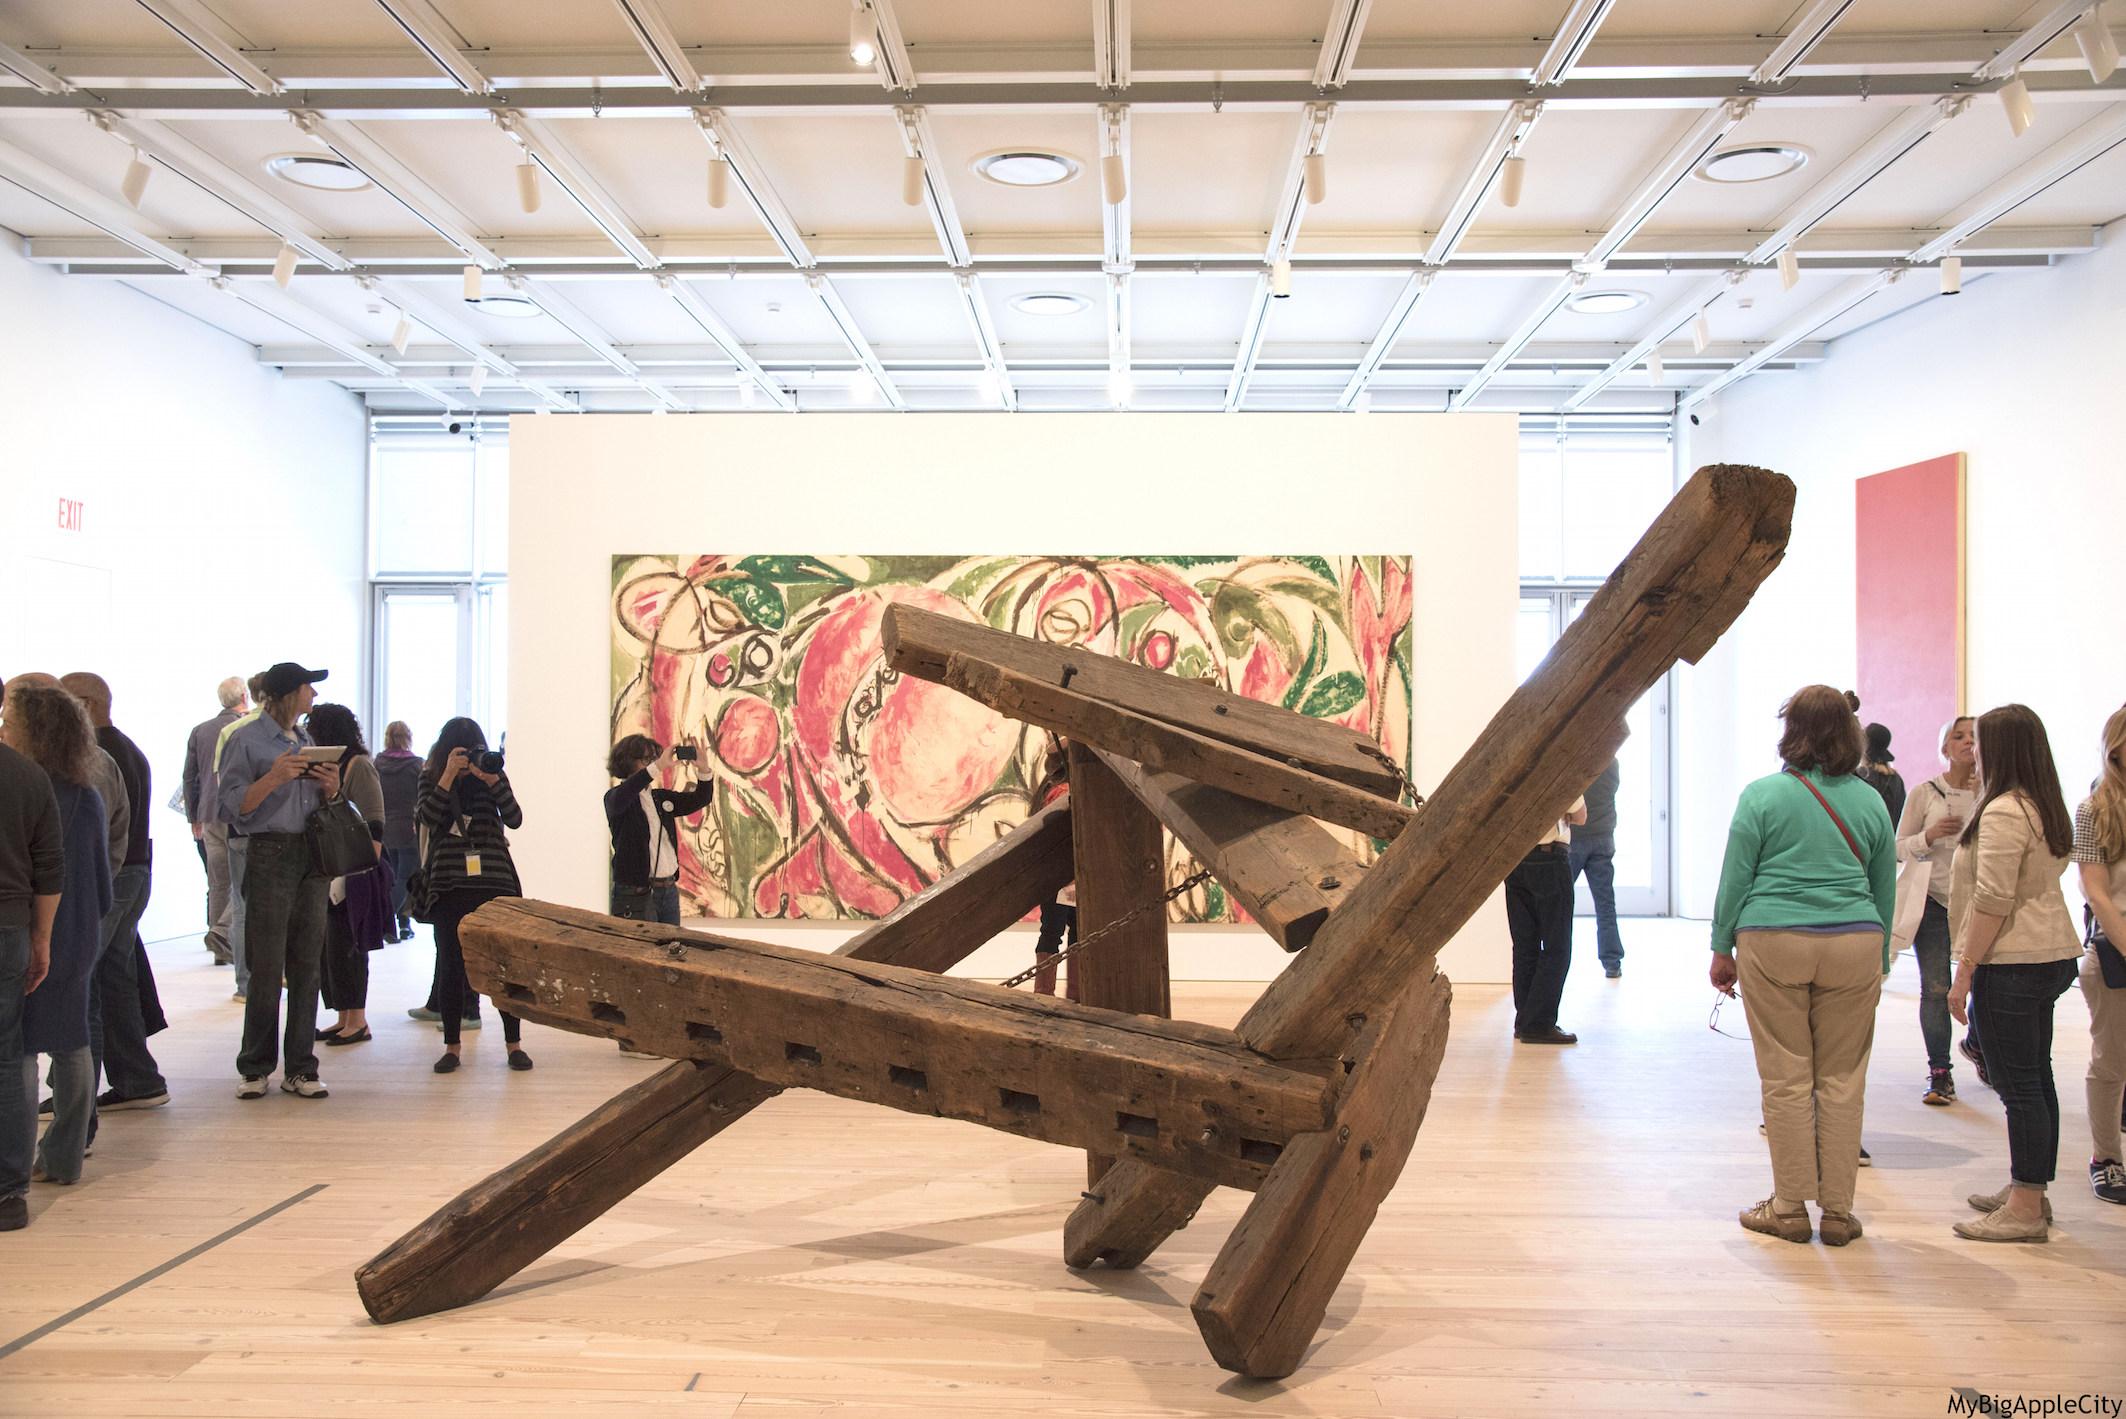 Whitney-Museum-NYC-inside-travelblog-mybigapplecity